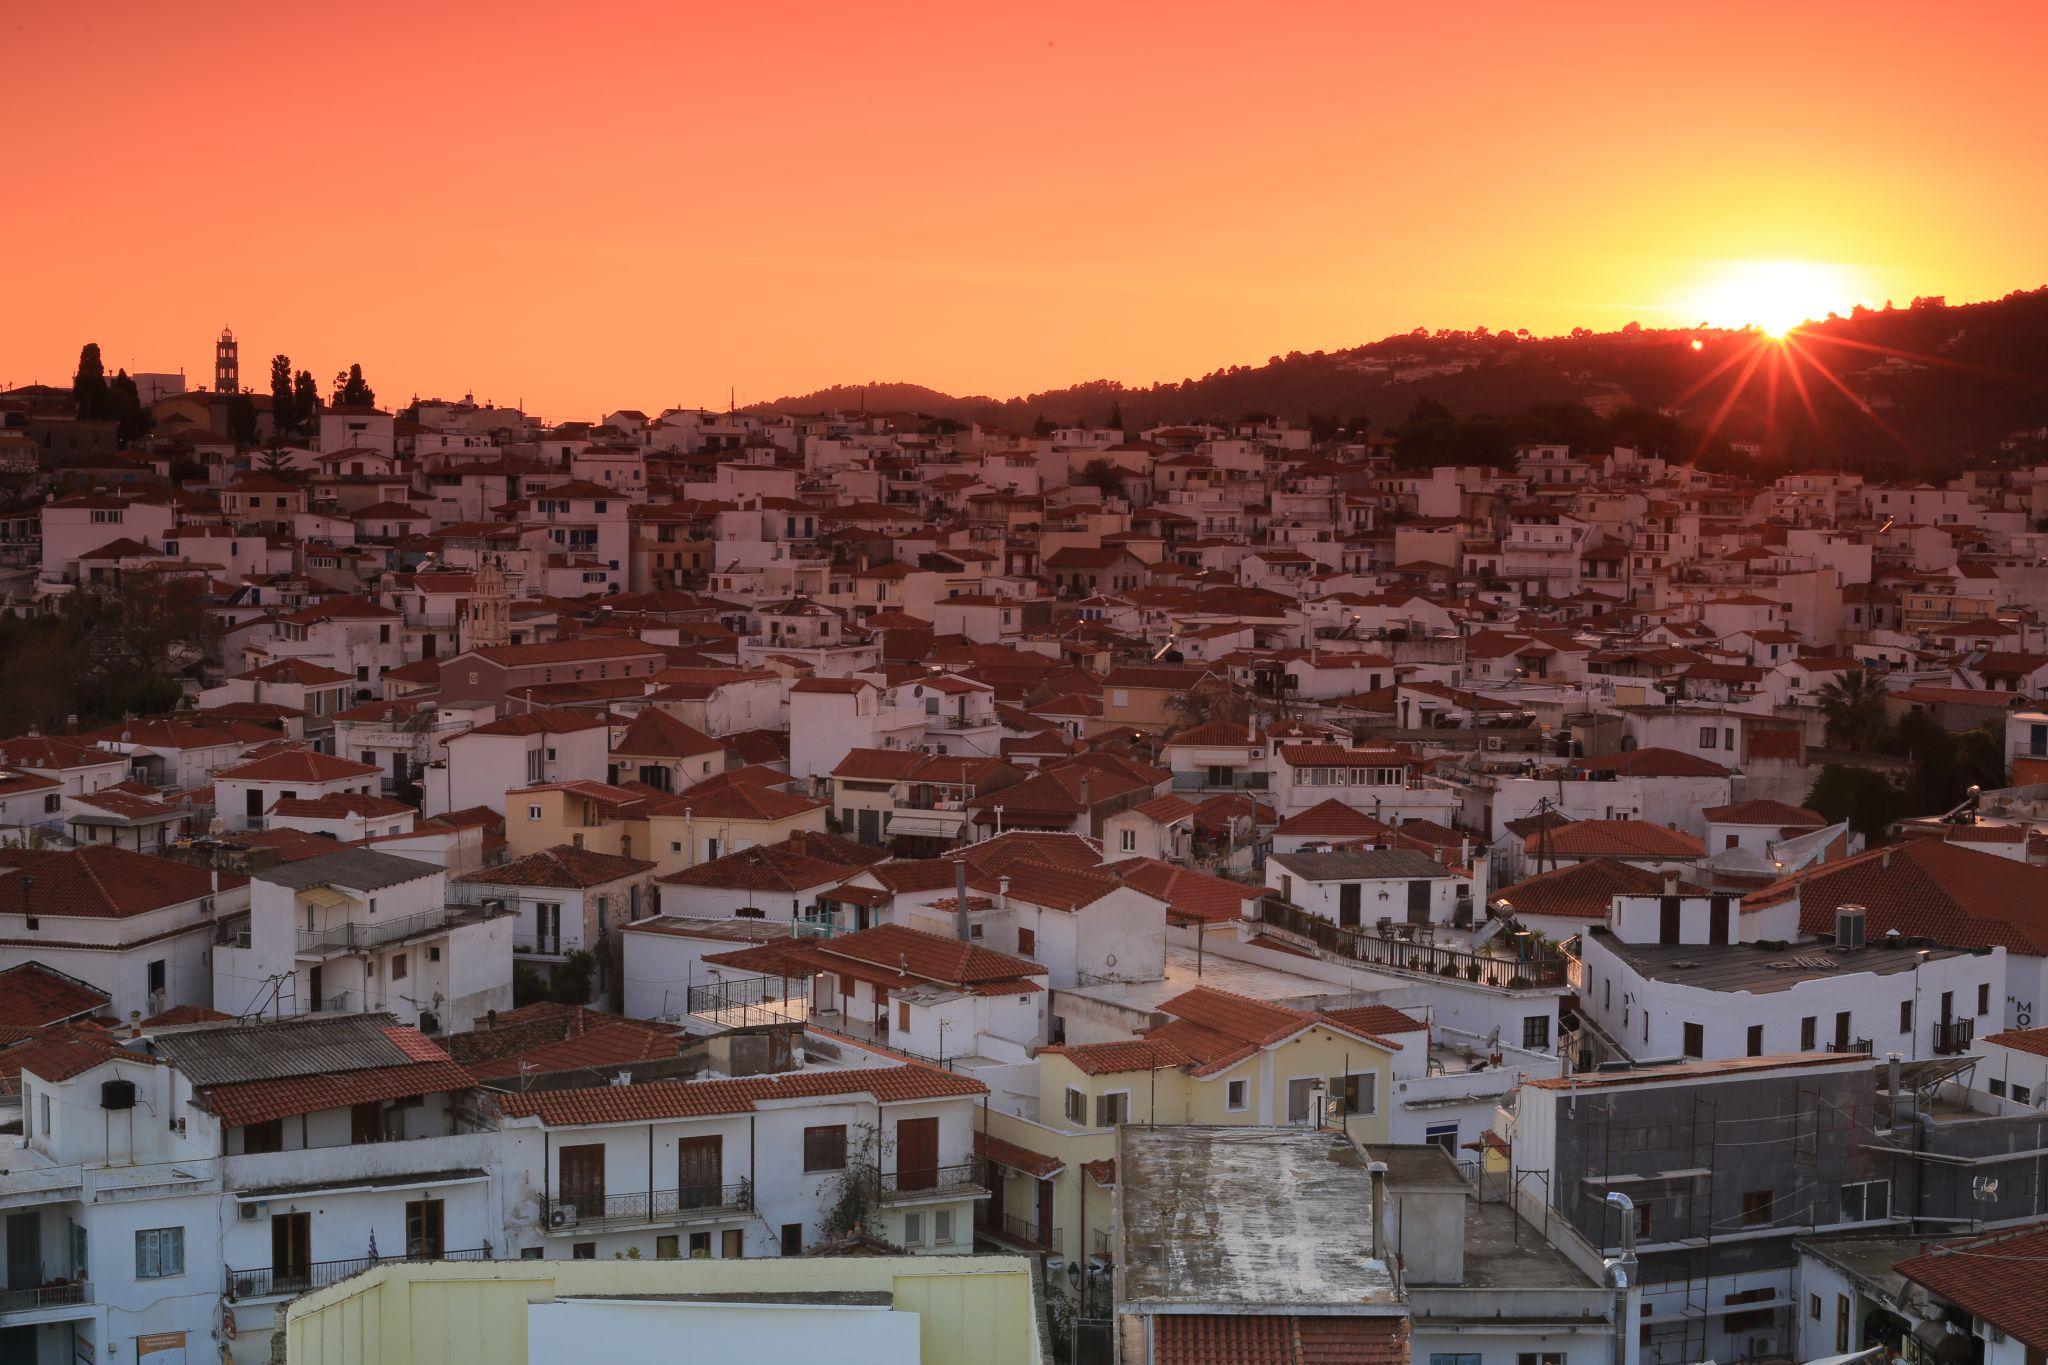 Skiathos Port / Town View, Greece